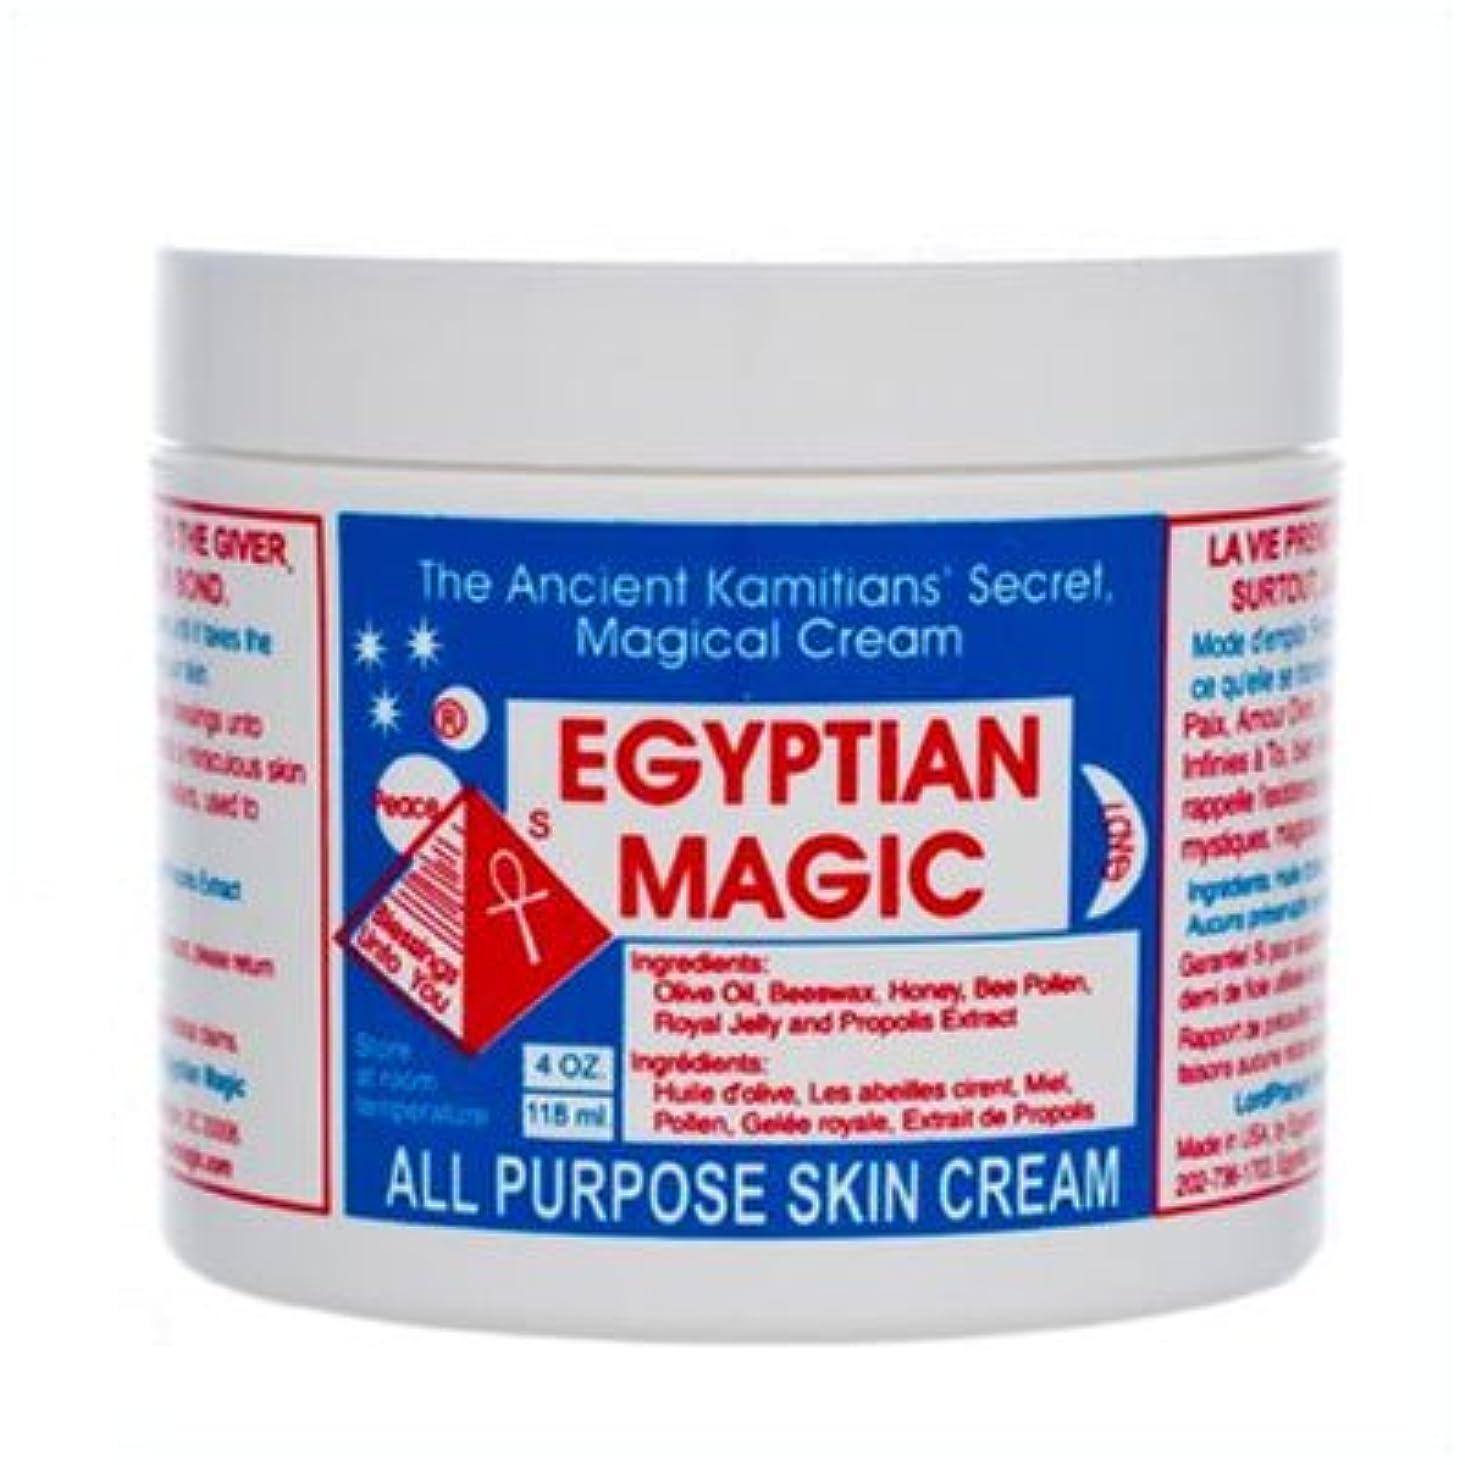 セメント宙返りネットエジプシャン マジック[Egyptian Magic]クリーム118ml【並行輸入品】